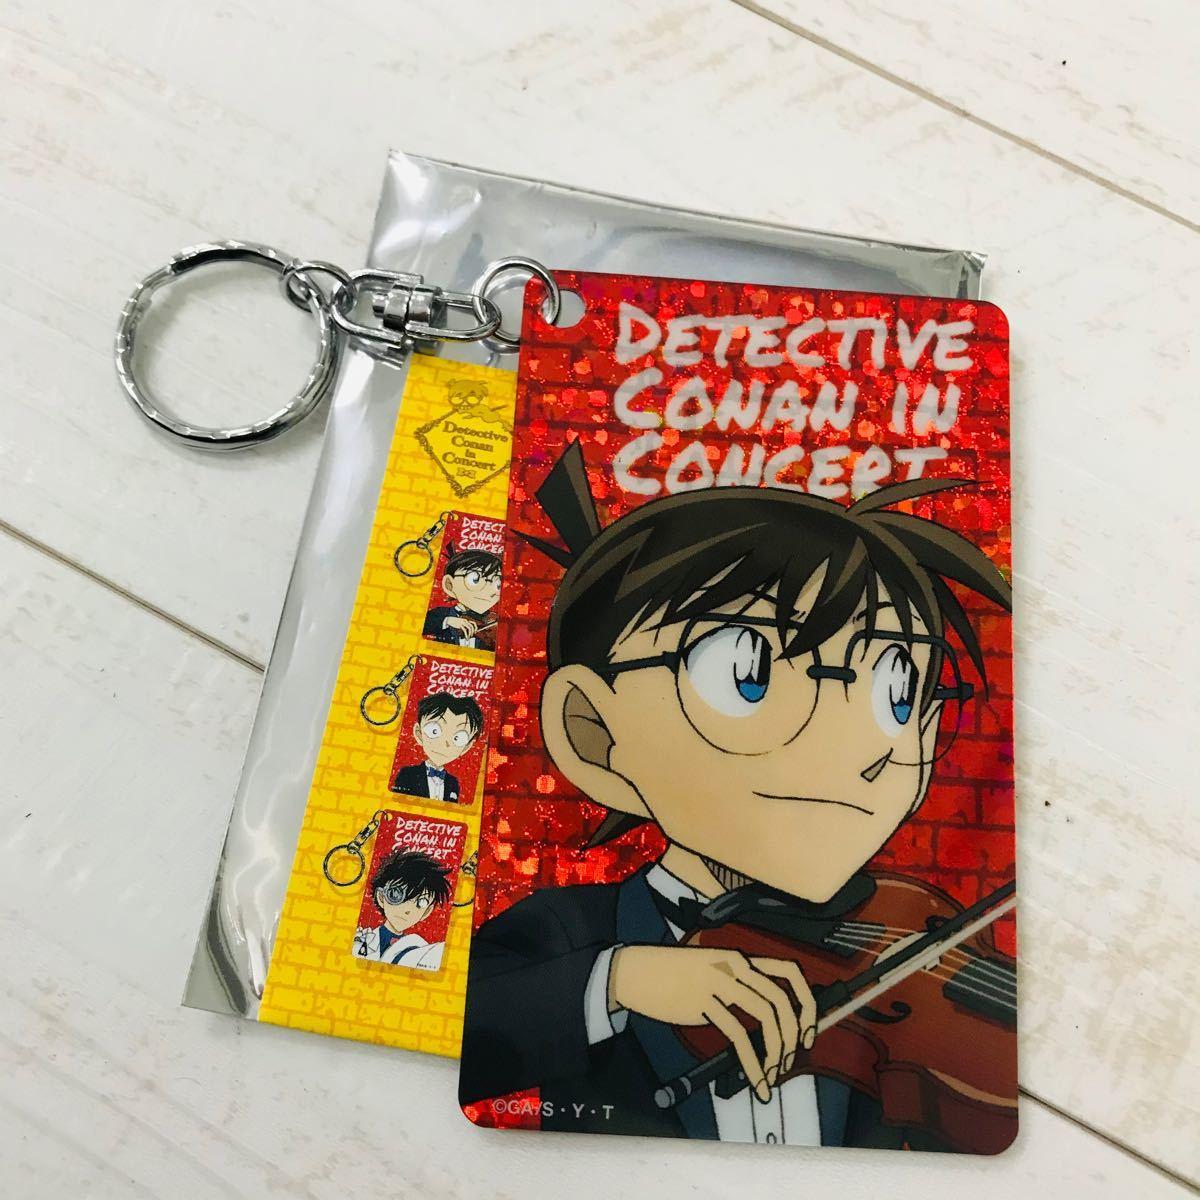 名探偵コナン コナンコンサート 会場限定 カードキーホルダー 江戸川コナン